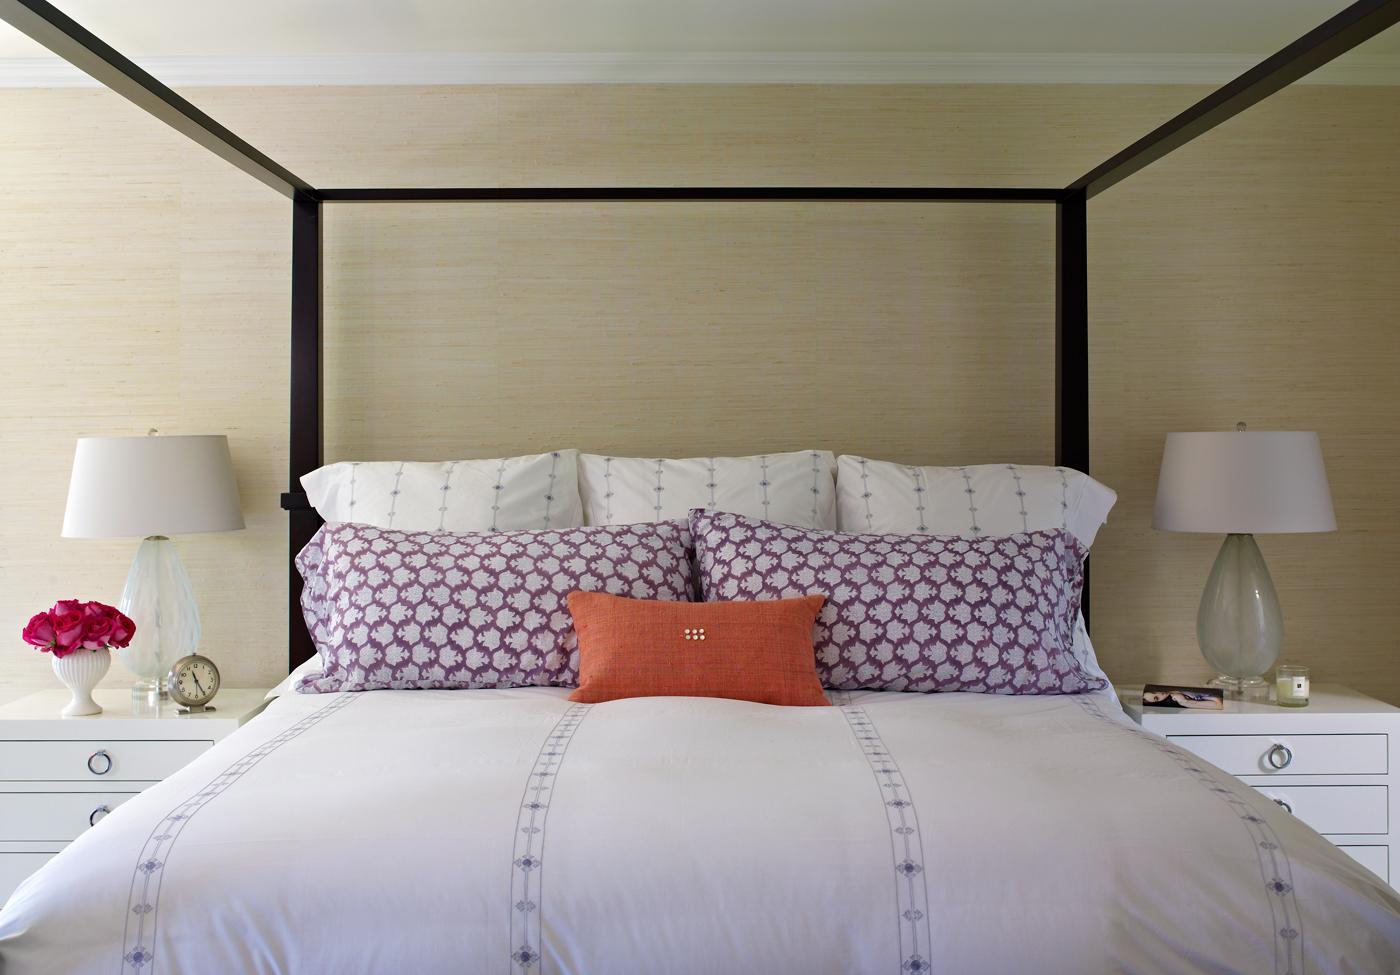 Kim_bedroom1.jpg